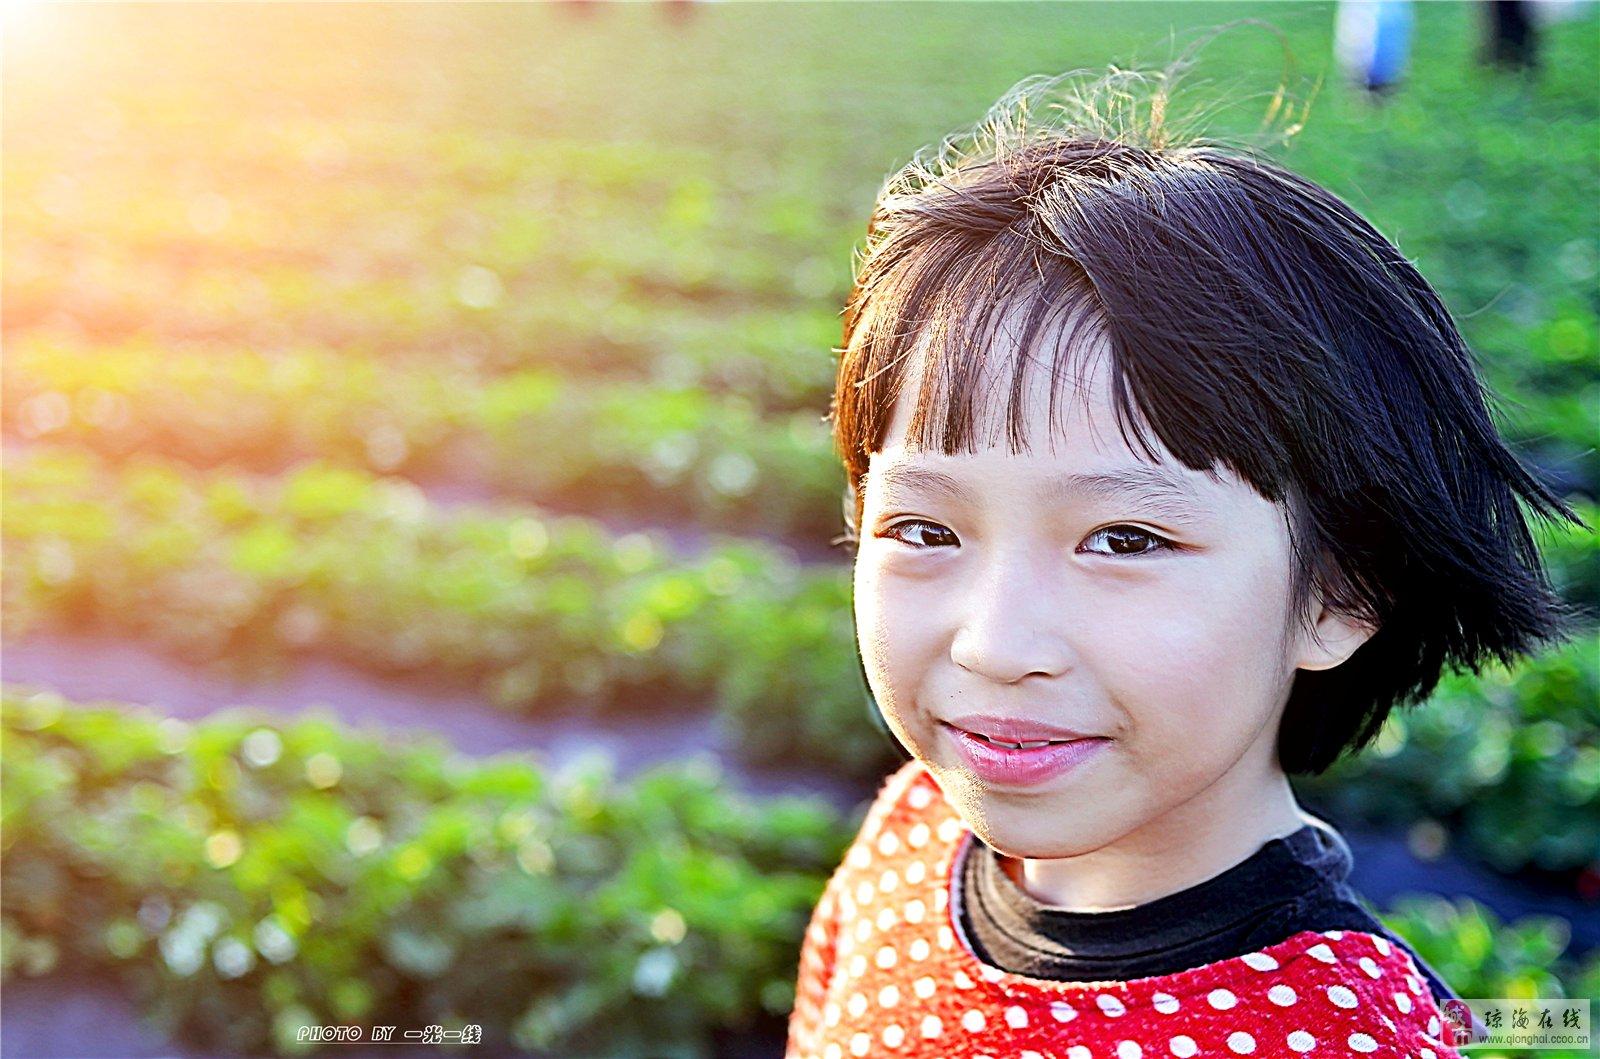 万泉河桥下摘草莓的小女孩儿